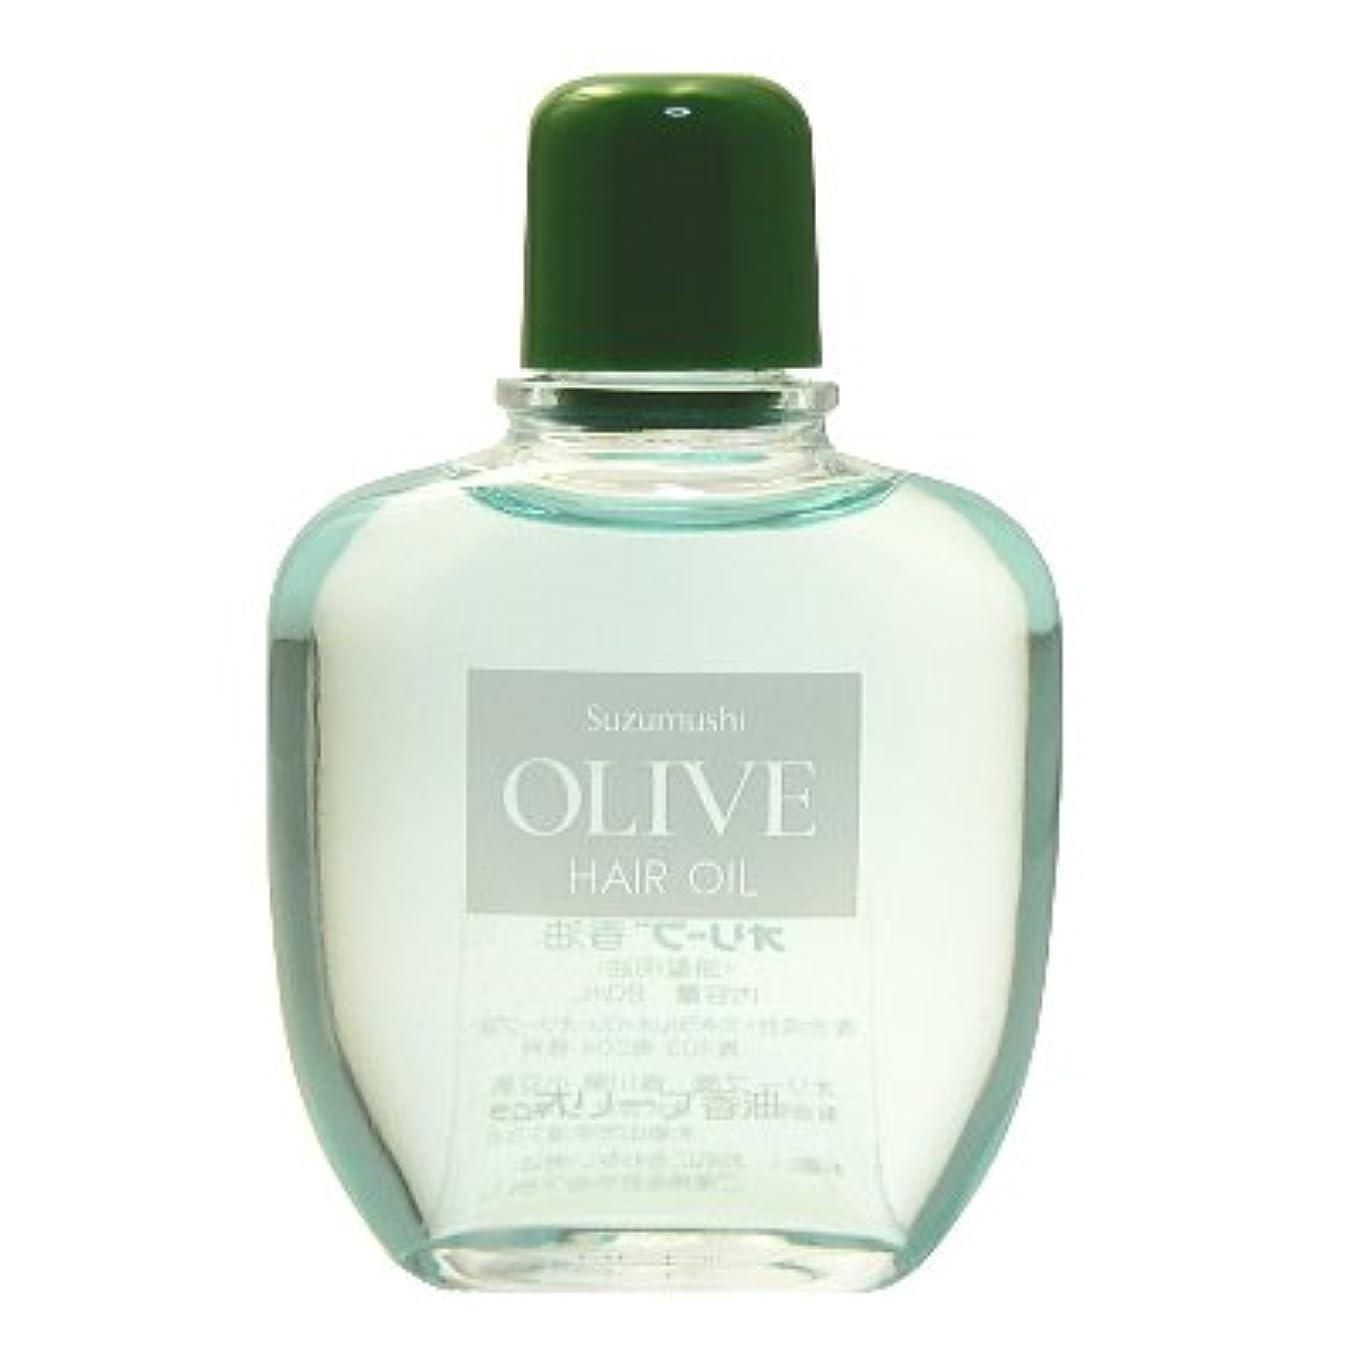 広告重量アスペクト鈴虫化粧品 オリーブ香油(頭髪用油)80ml